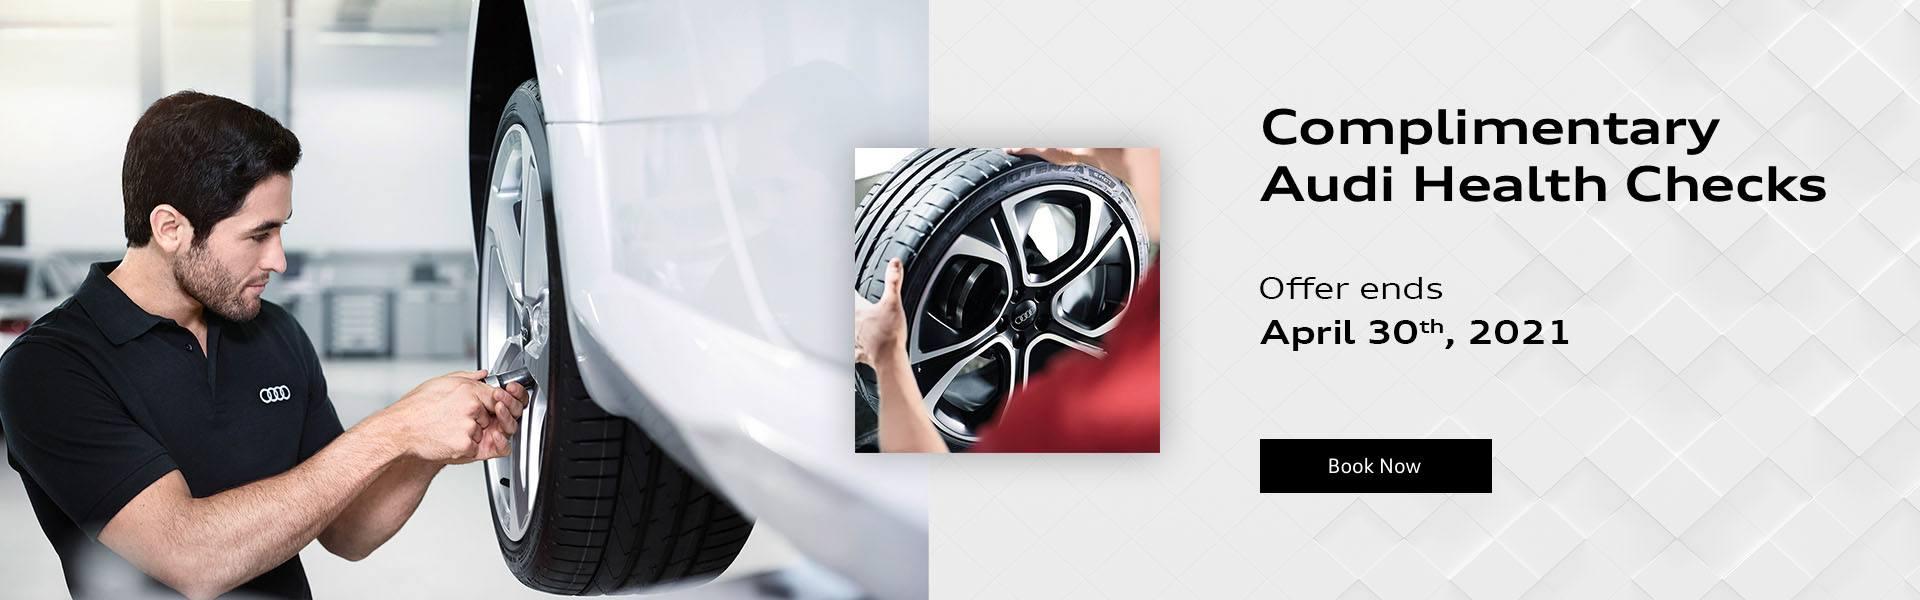 Complimentary Audi Health Checks